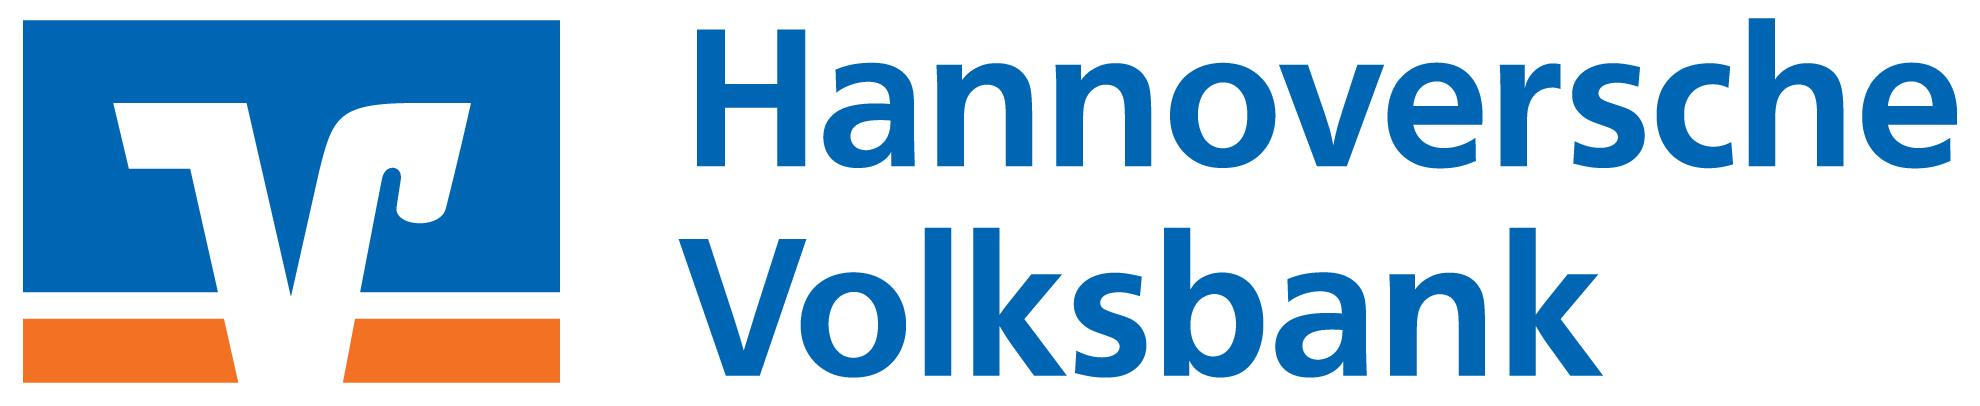 Hannoversche Volksbank eG SelbstbedienungsCenter Frielingen